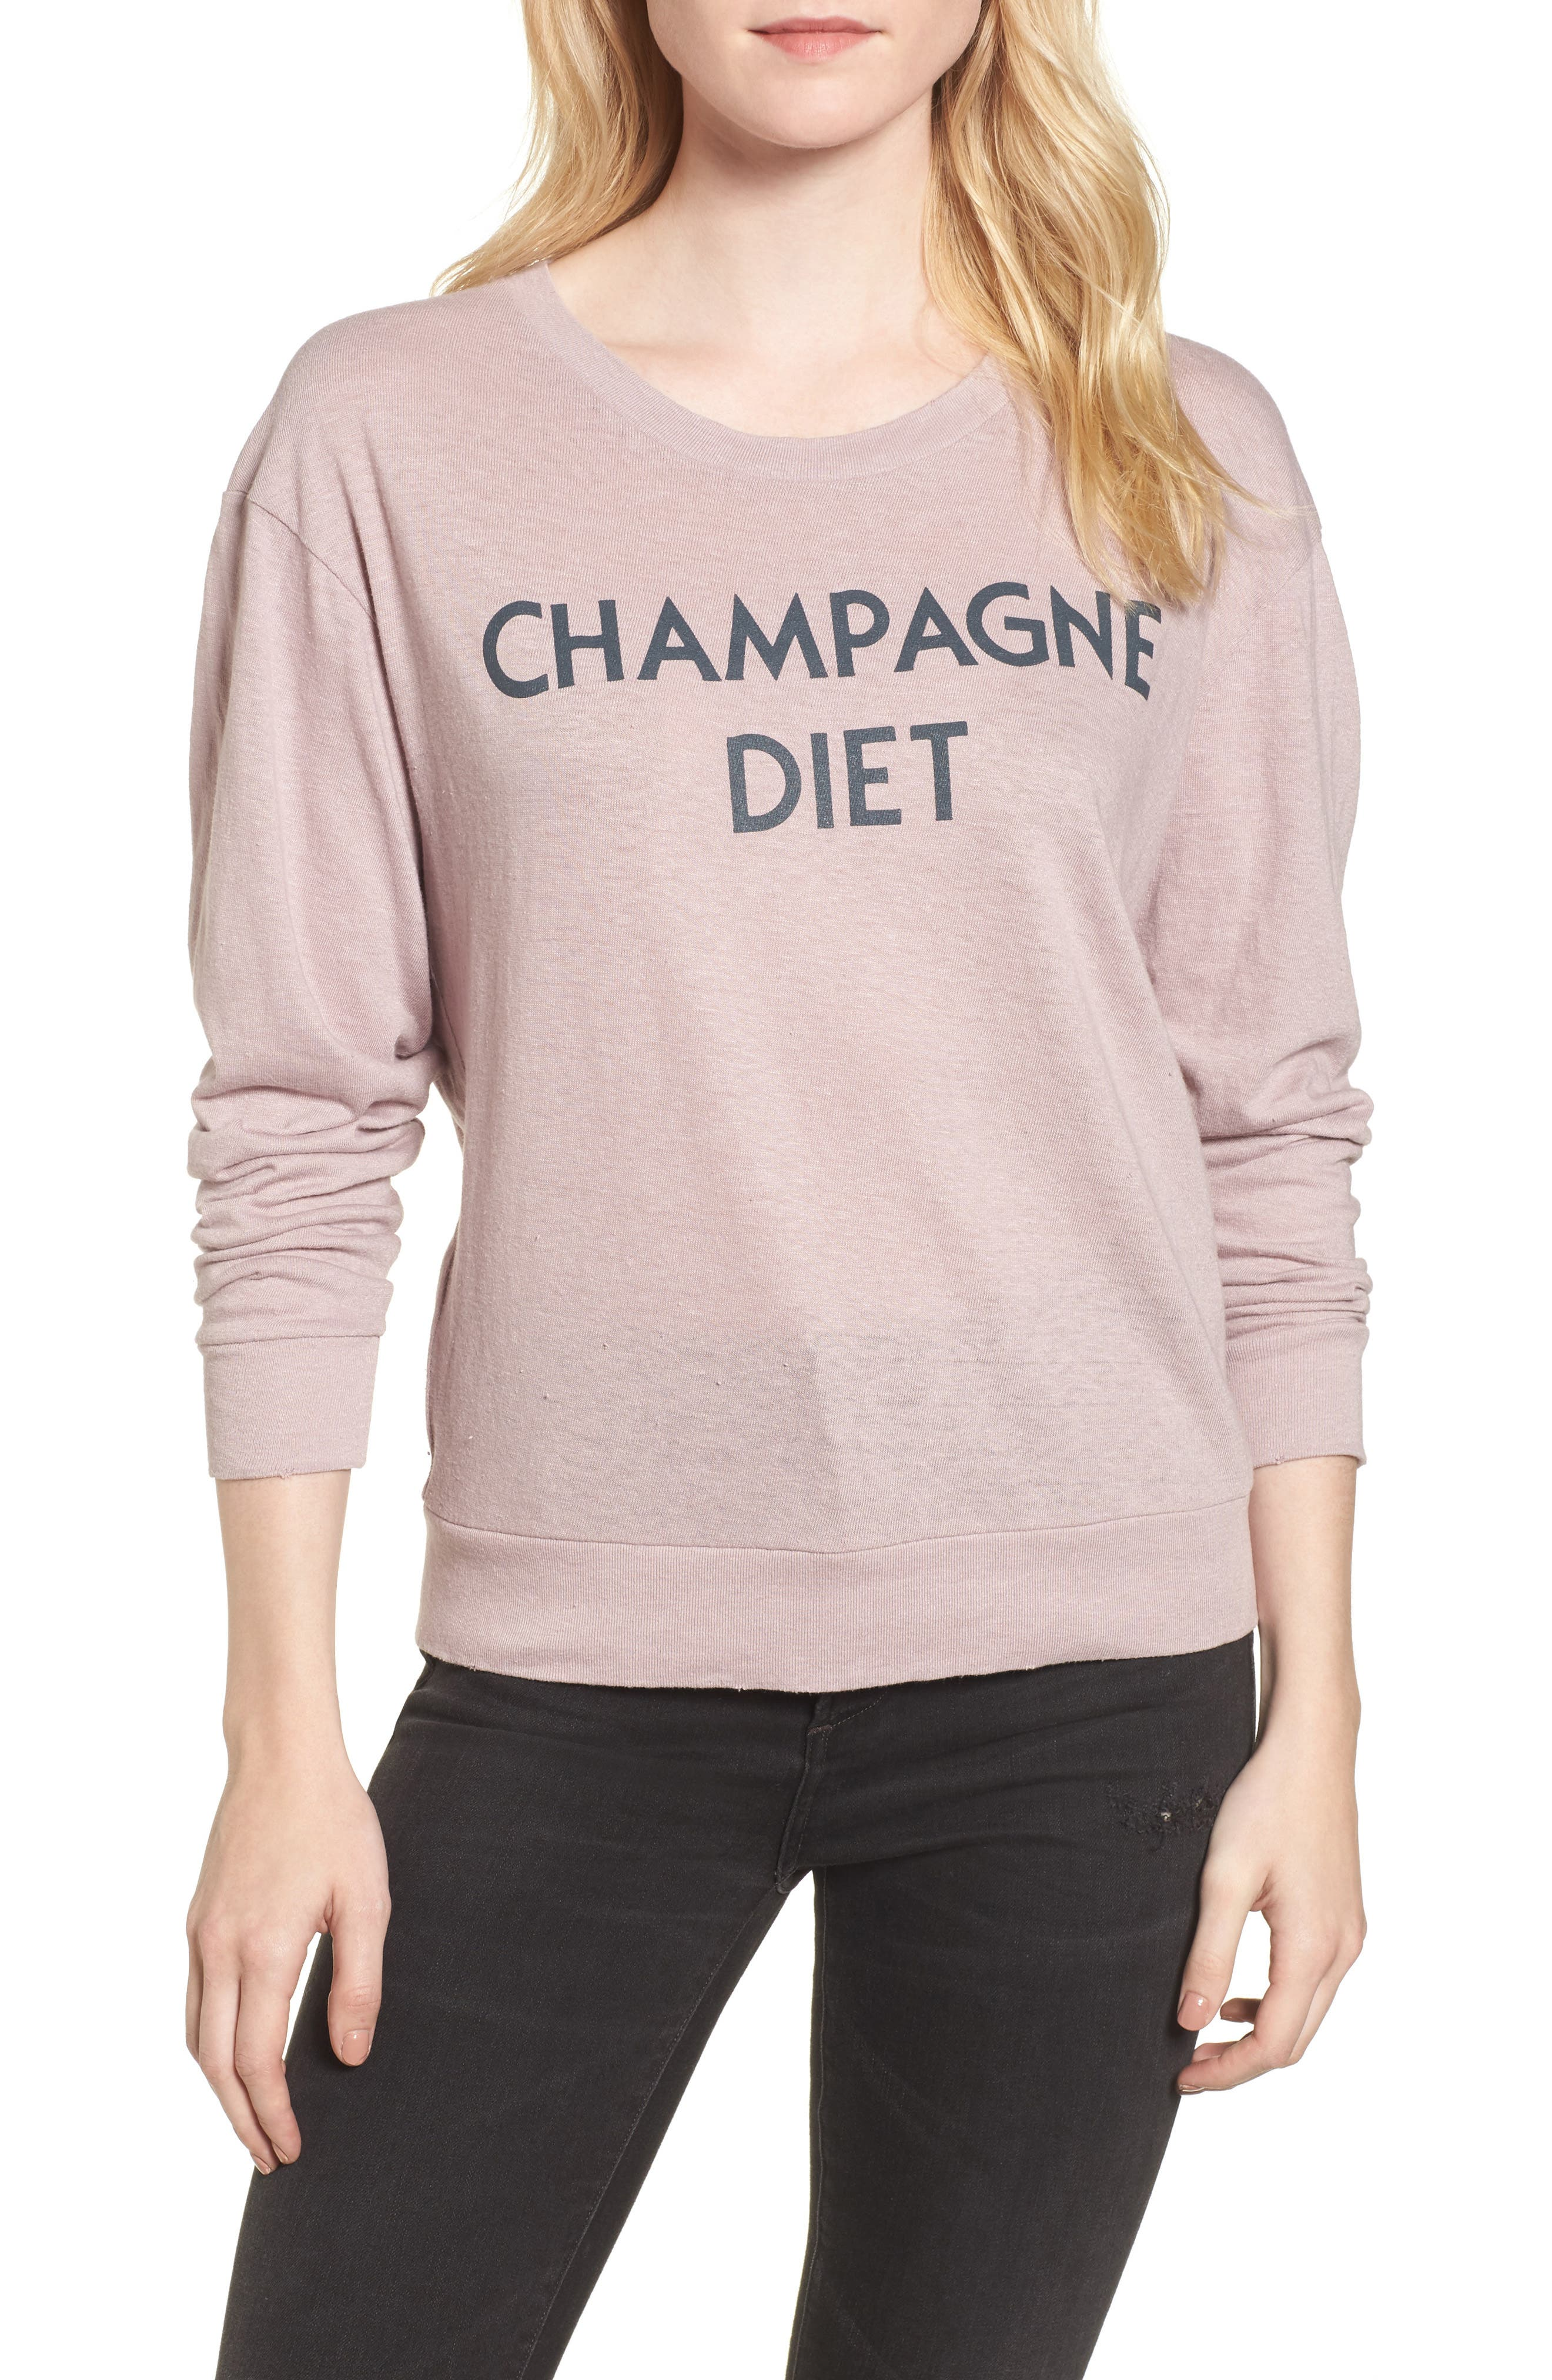 Champagne Diet Sweatshirt,                             Main thumbnail 1, color,                             650